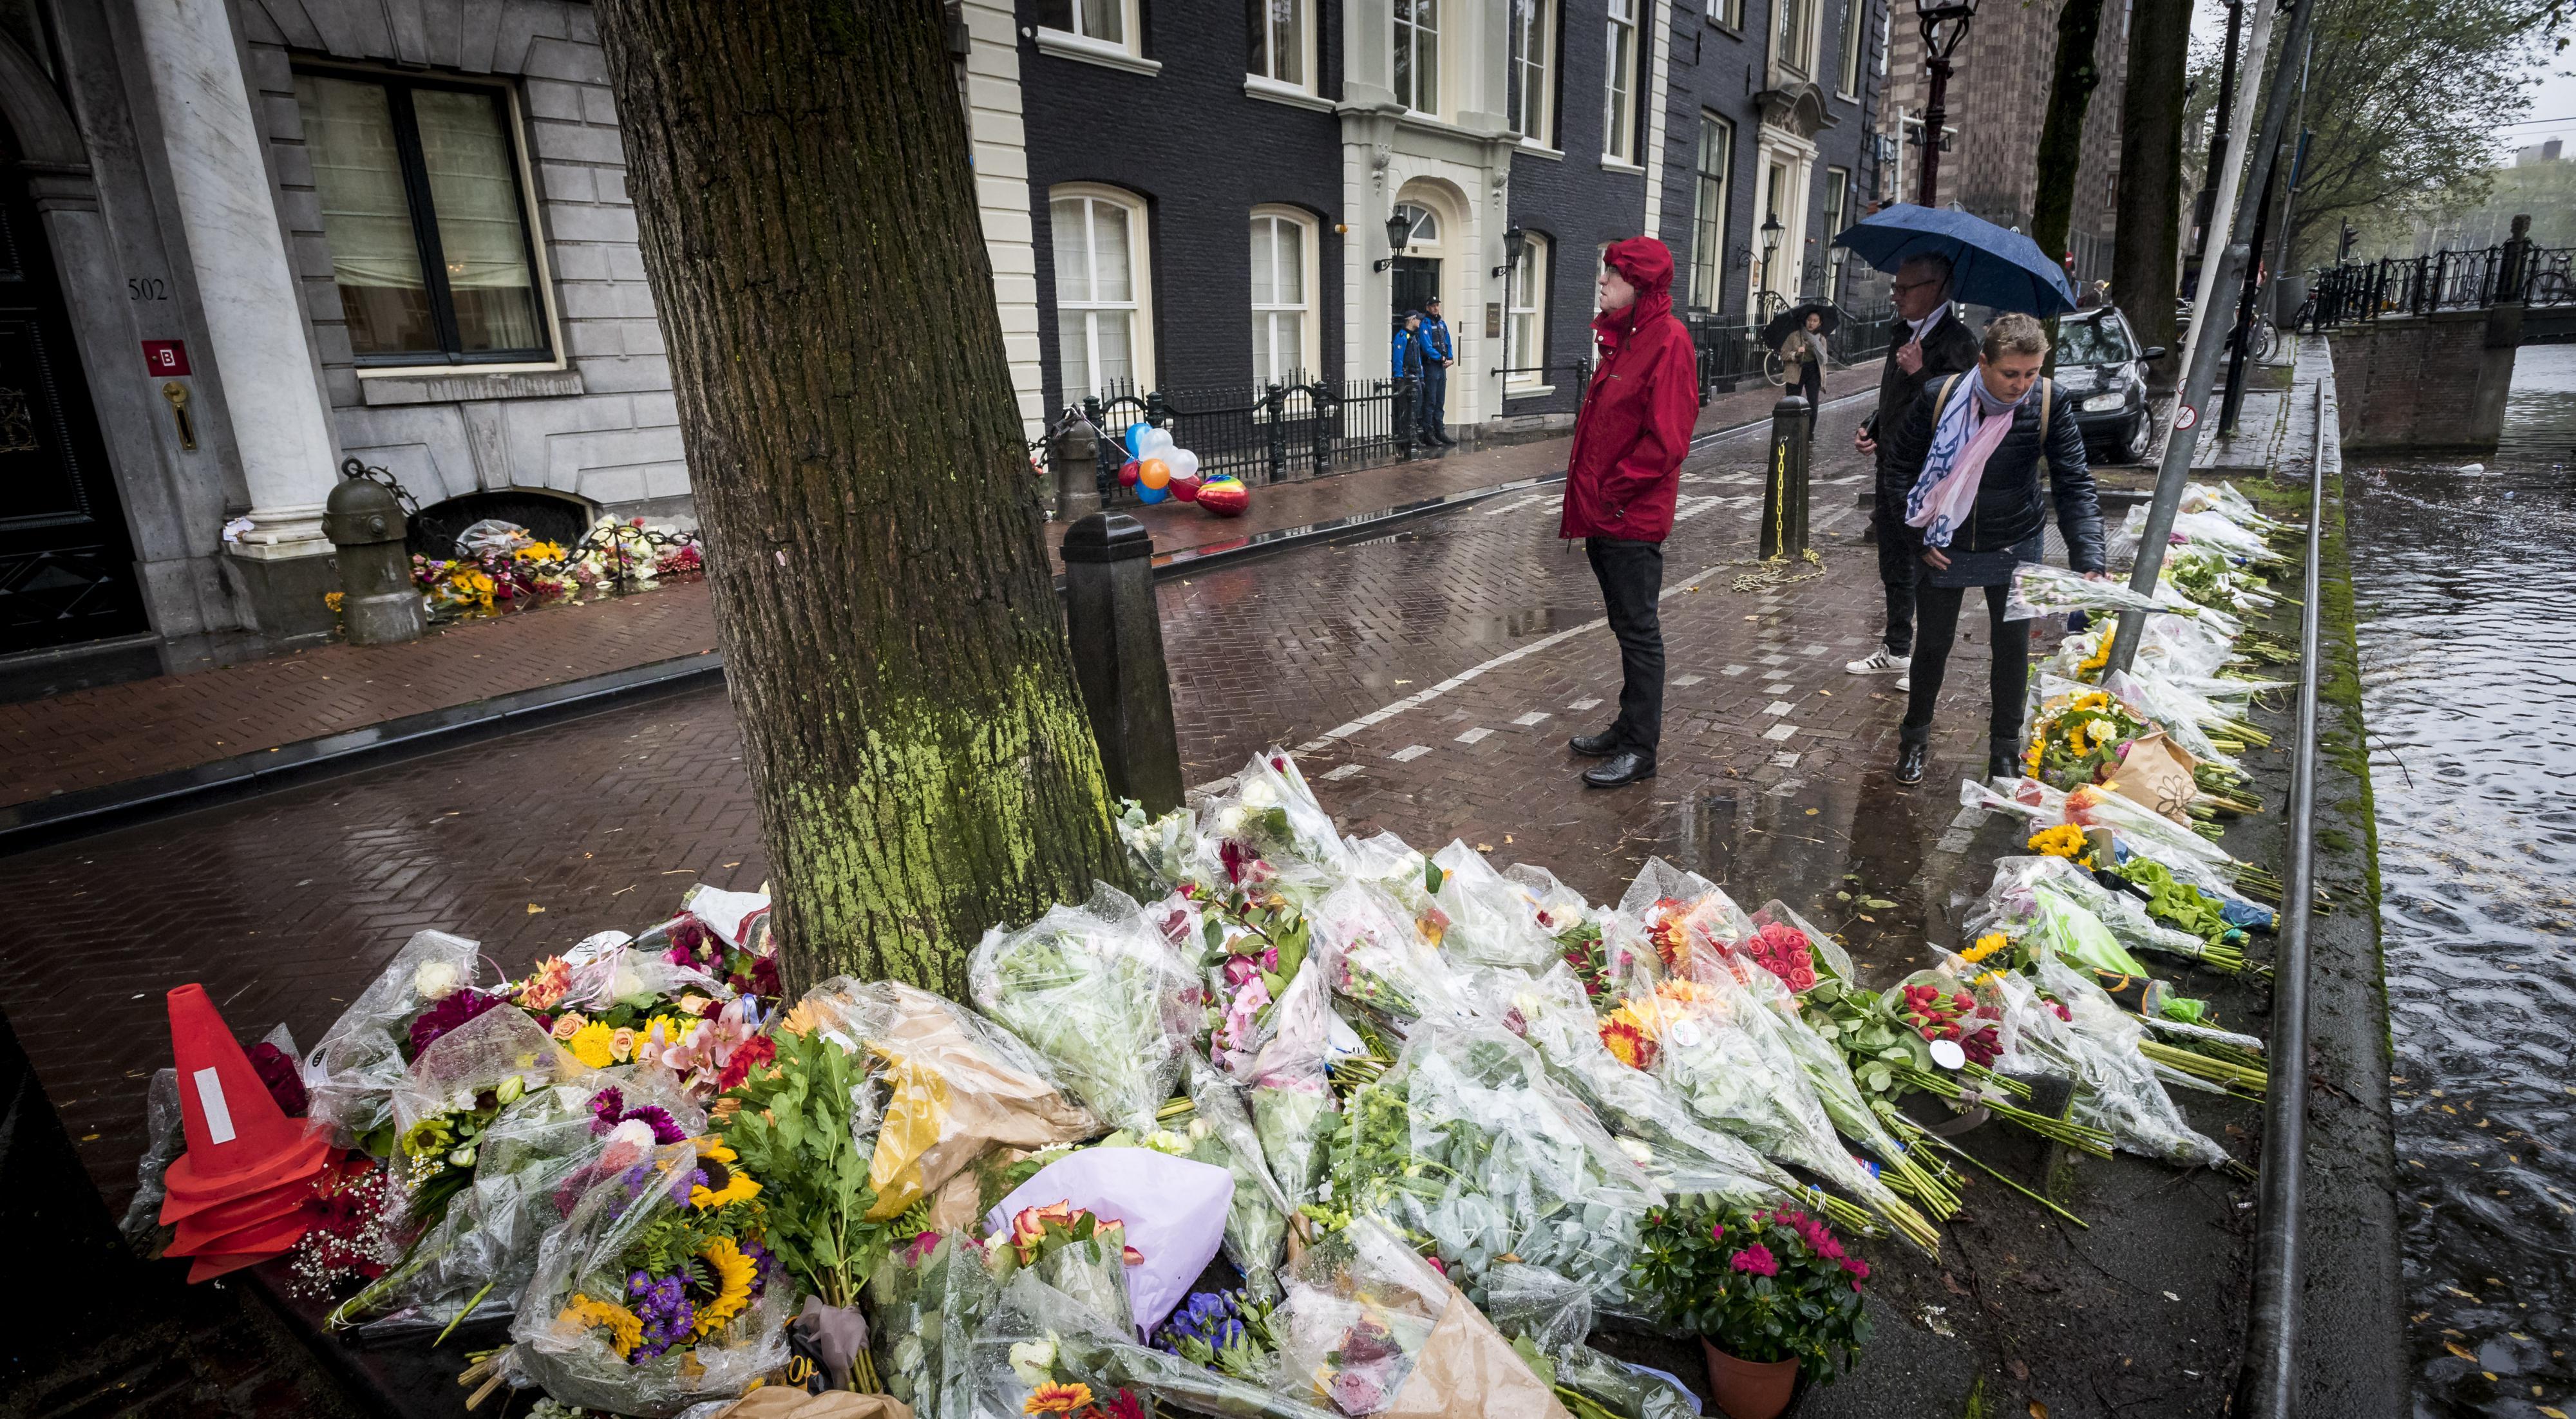 Bloemen bij de ambtswoning van Eberhard van der Laan. Foto: ANP | Lex van Lieshout